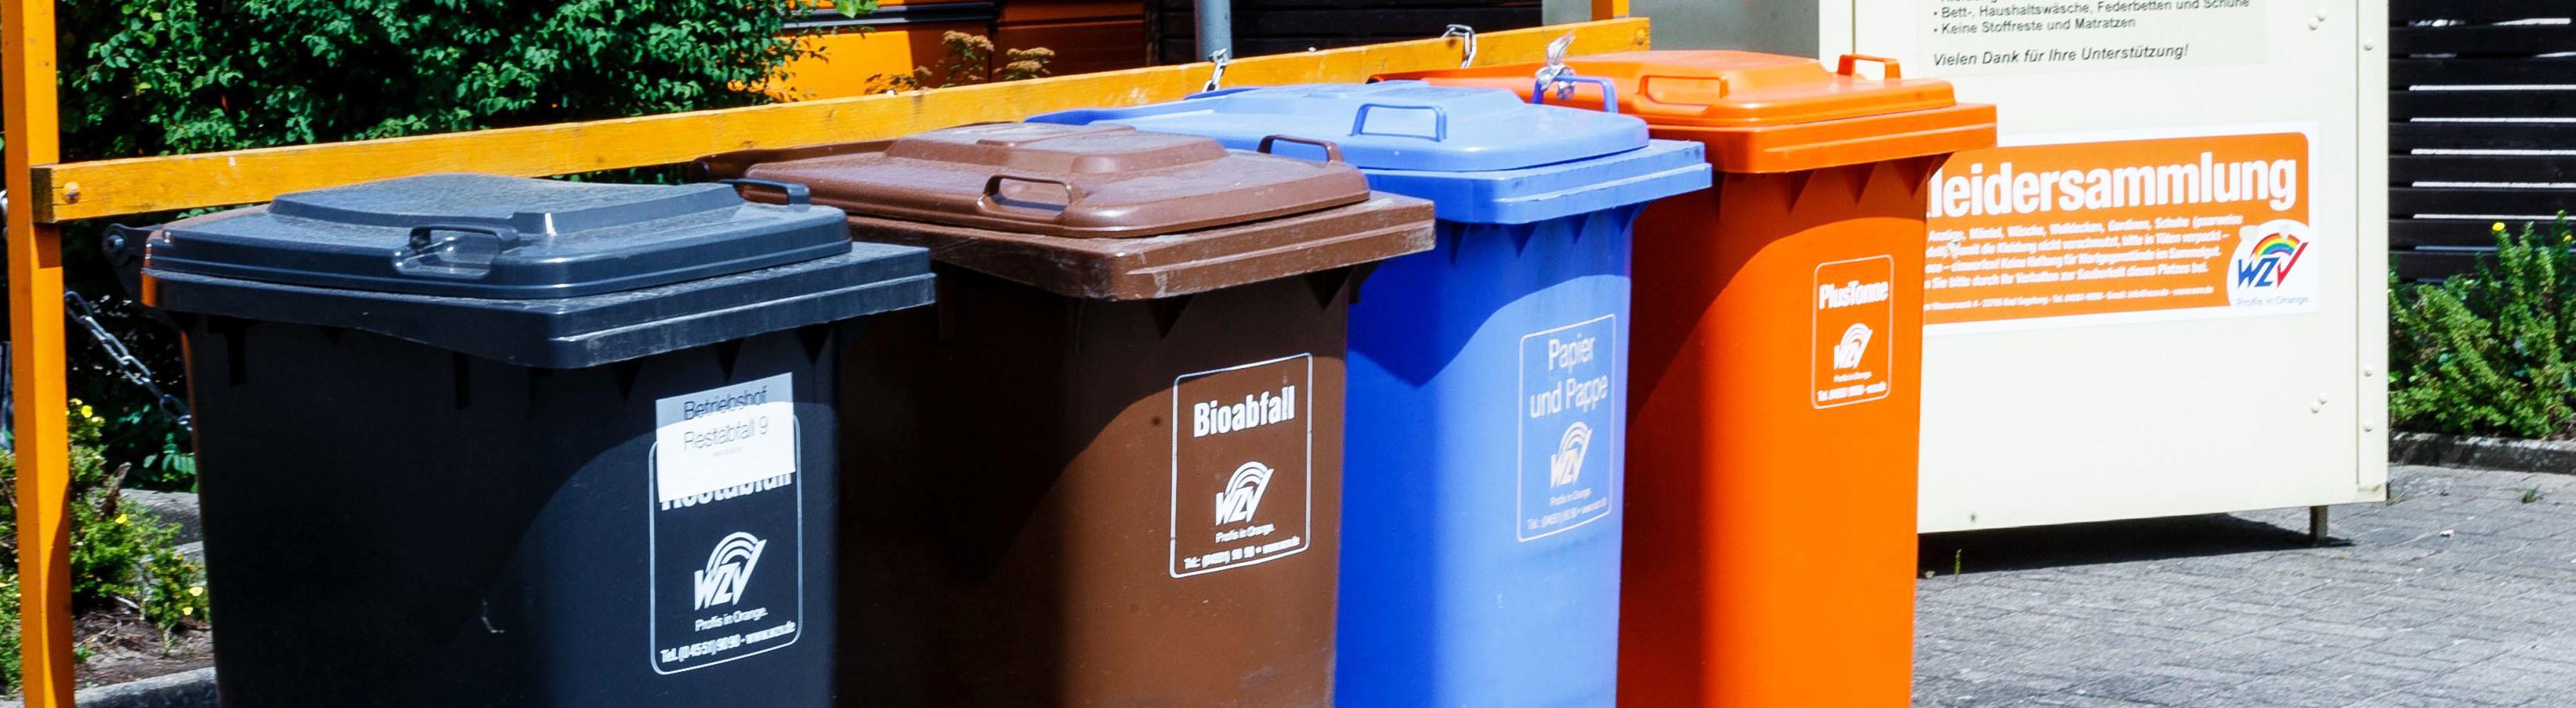 Tonnen für Rest-, Bio-, Papier- und Verpackungsmüll nebeneinander